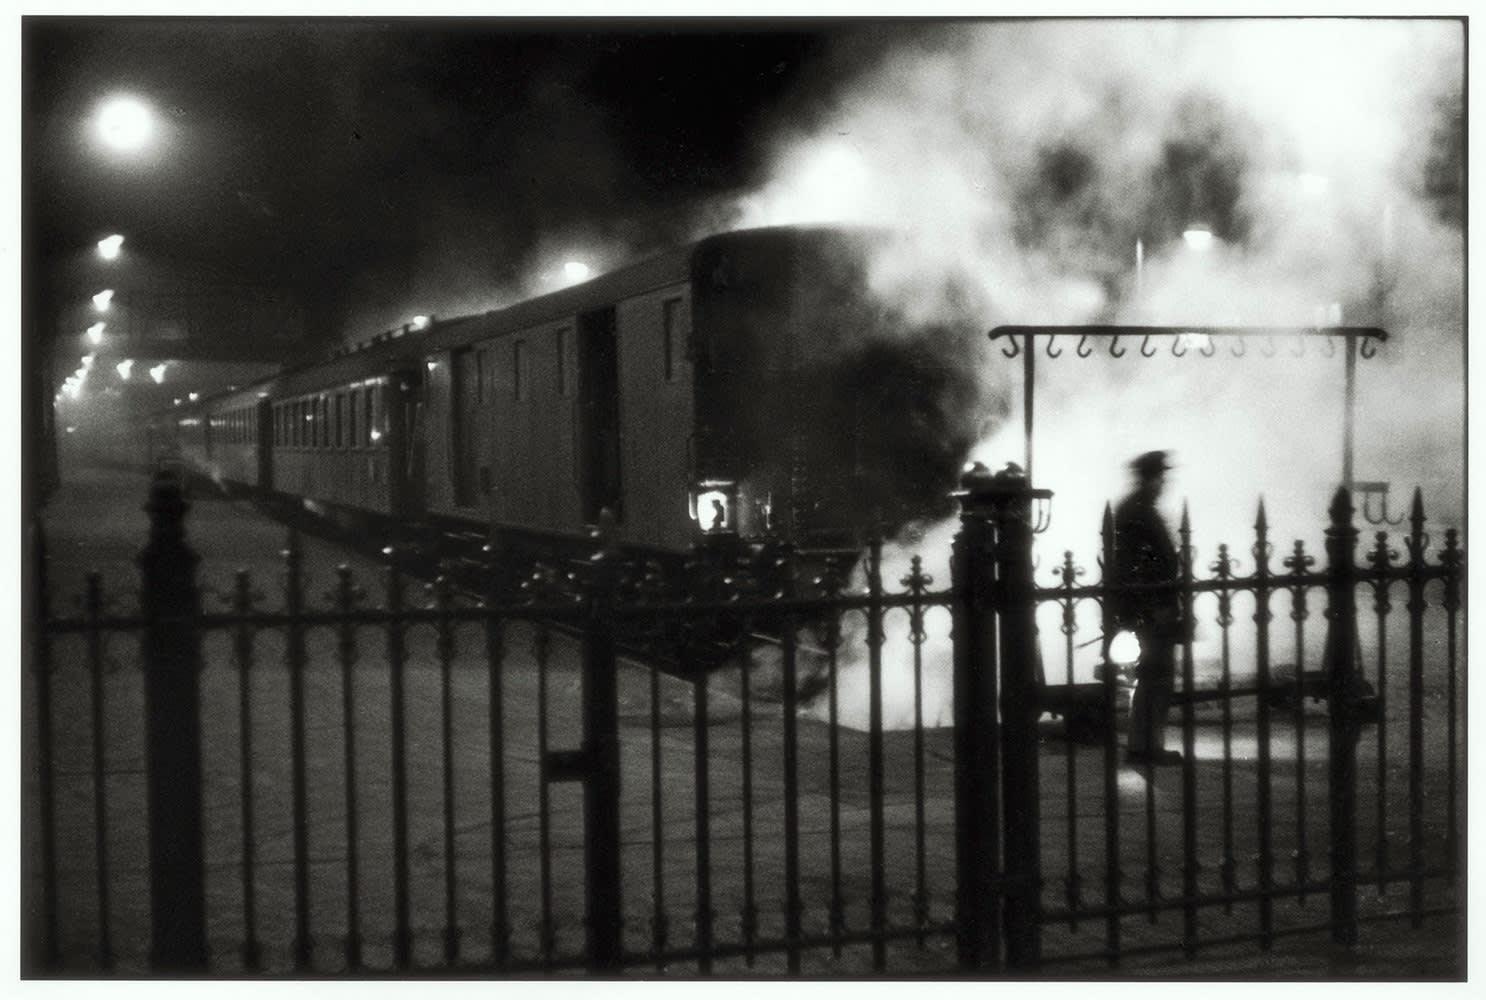 Sabine Weiss, Gare Saint-Lazare, Paris, 1954